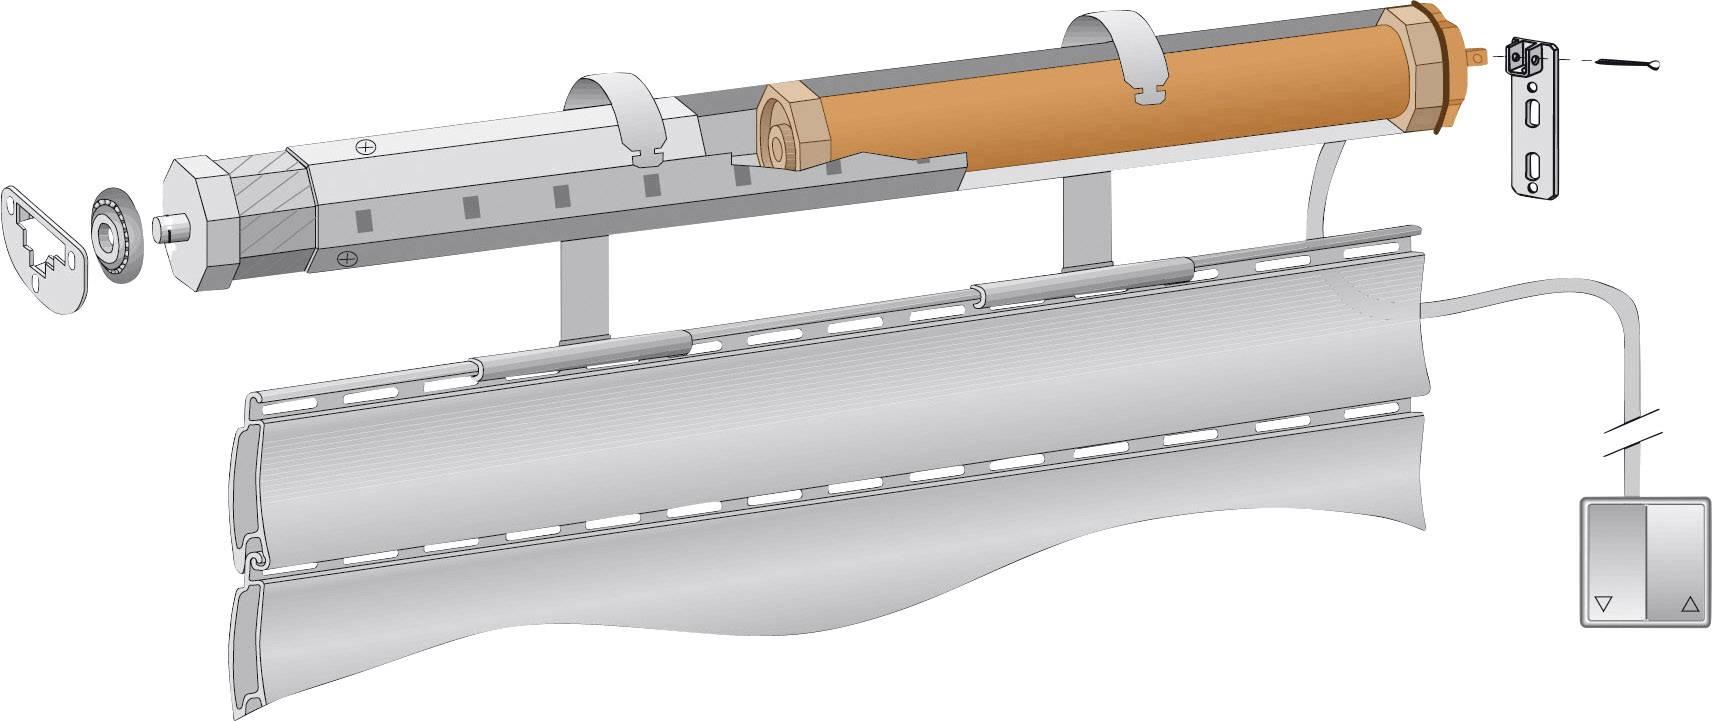 Sada rúrkového motora s bezdrôtovým ovládaním Kaiser Nienhaus Master, ťah 3,5 m2